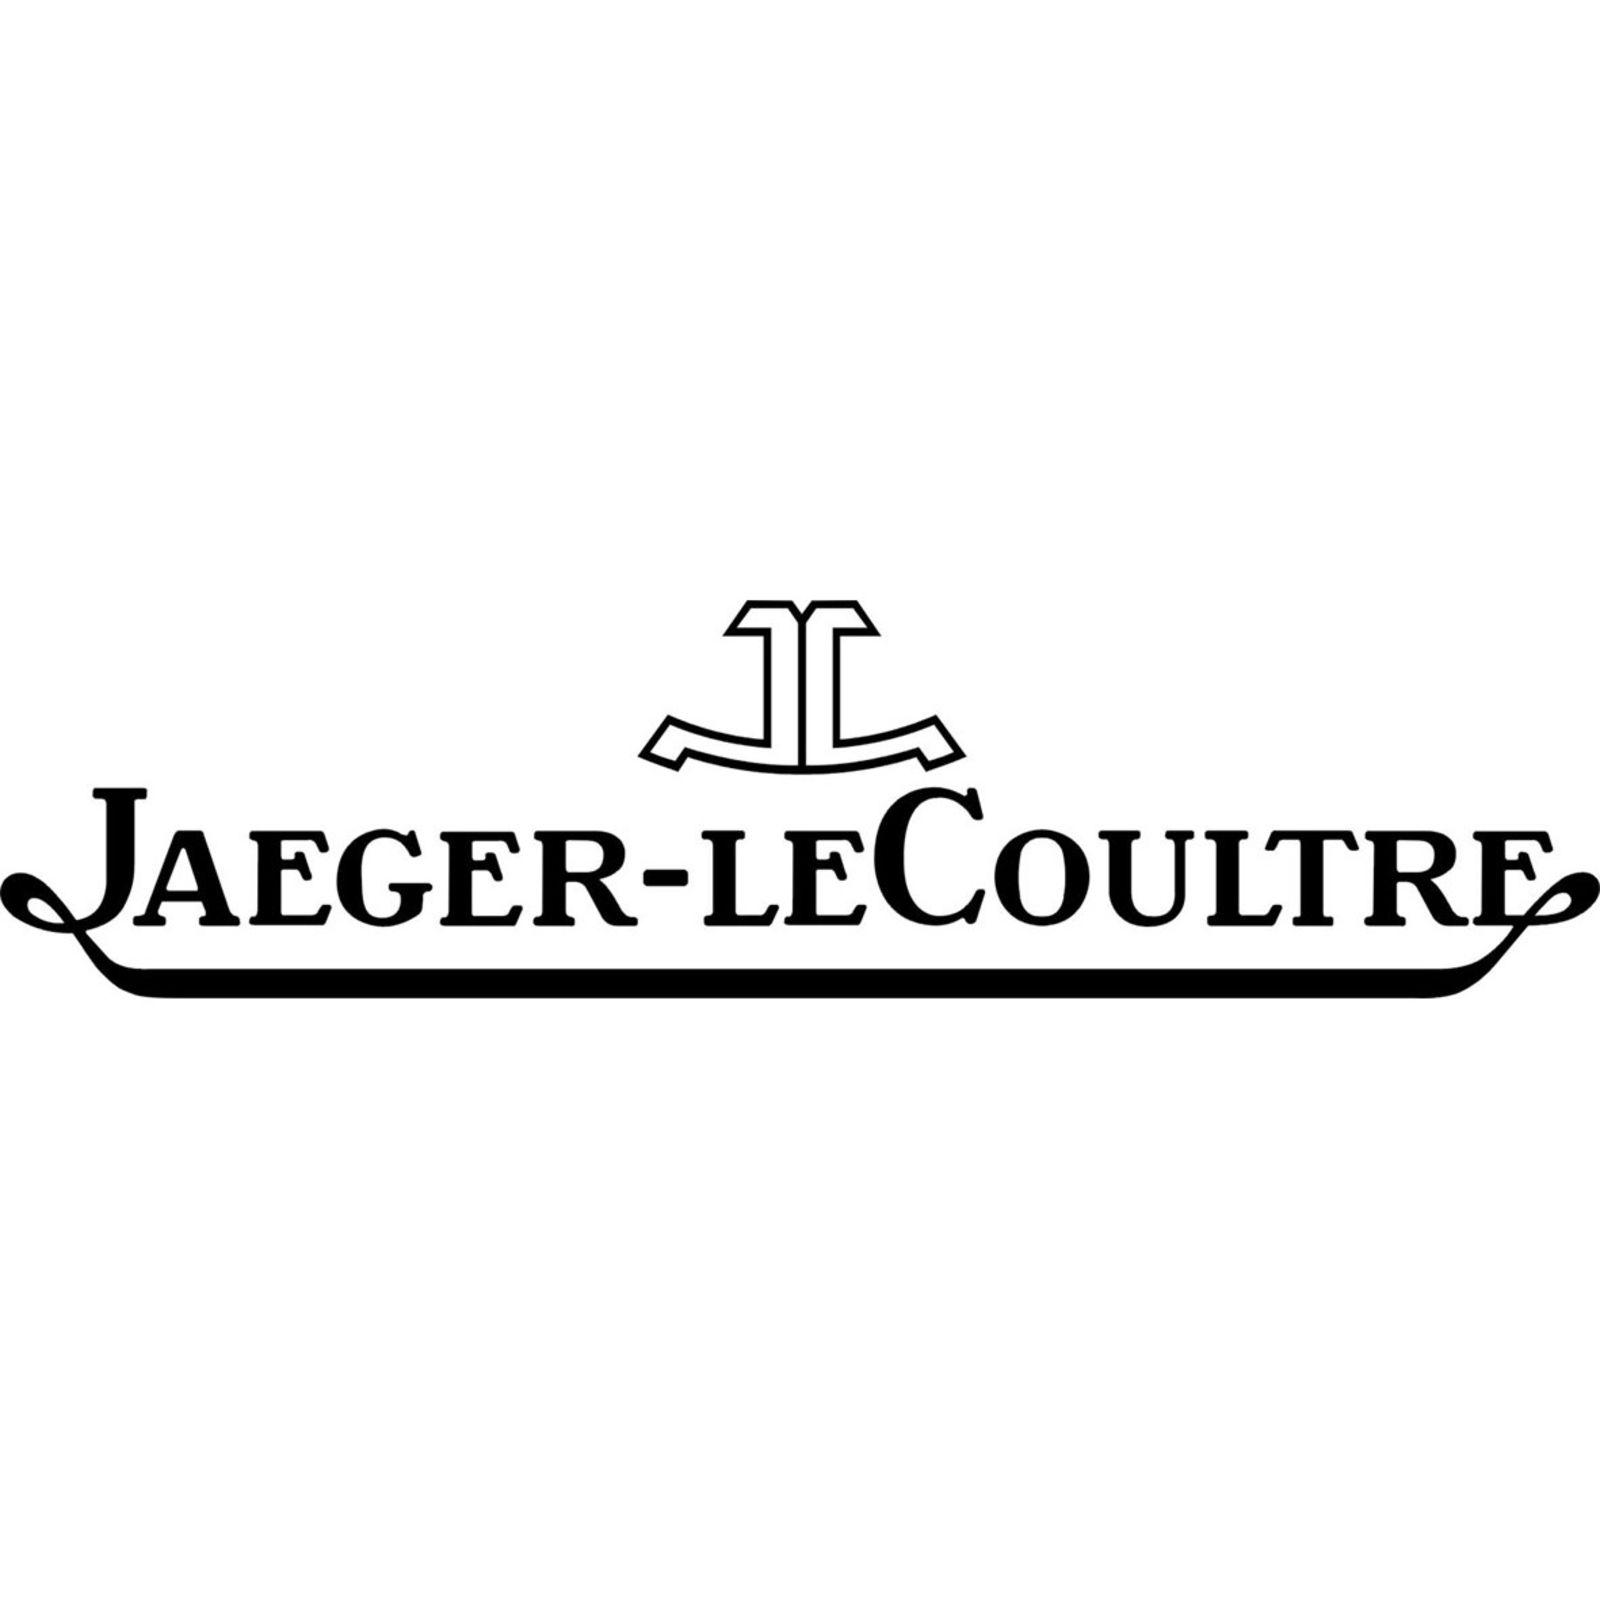 JAEGER-LE COULTRE (Image 1)